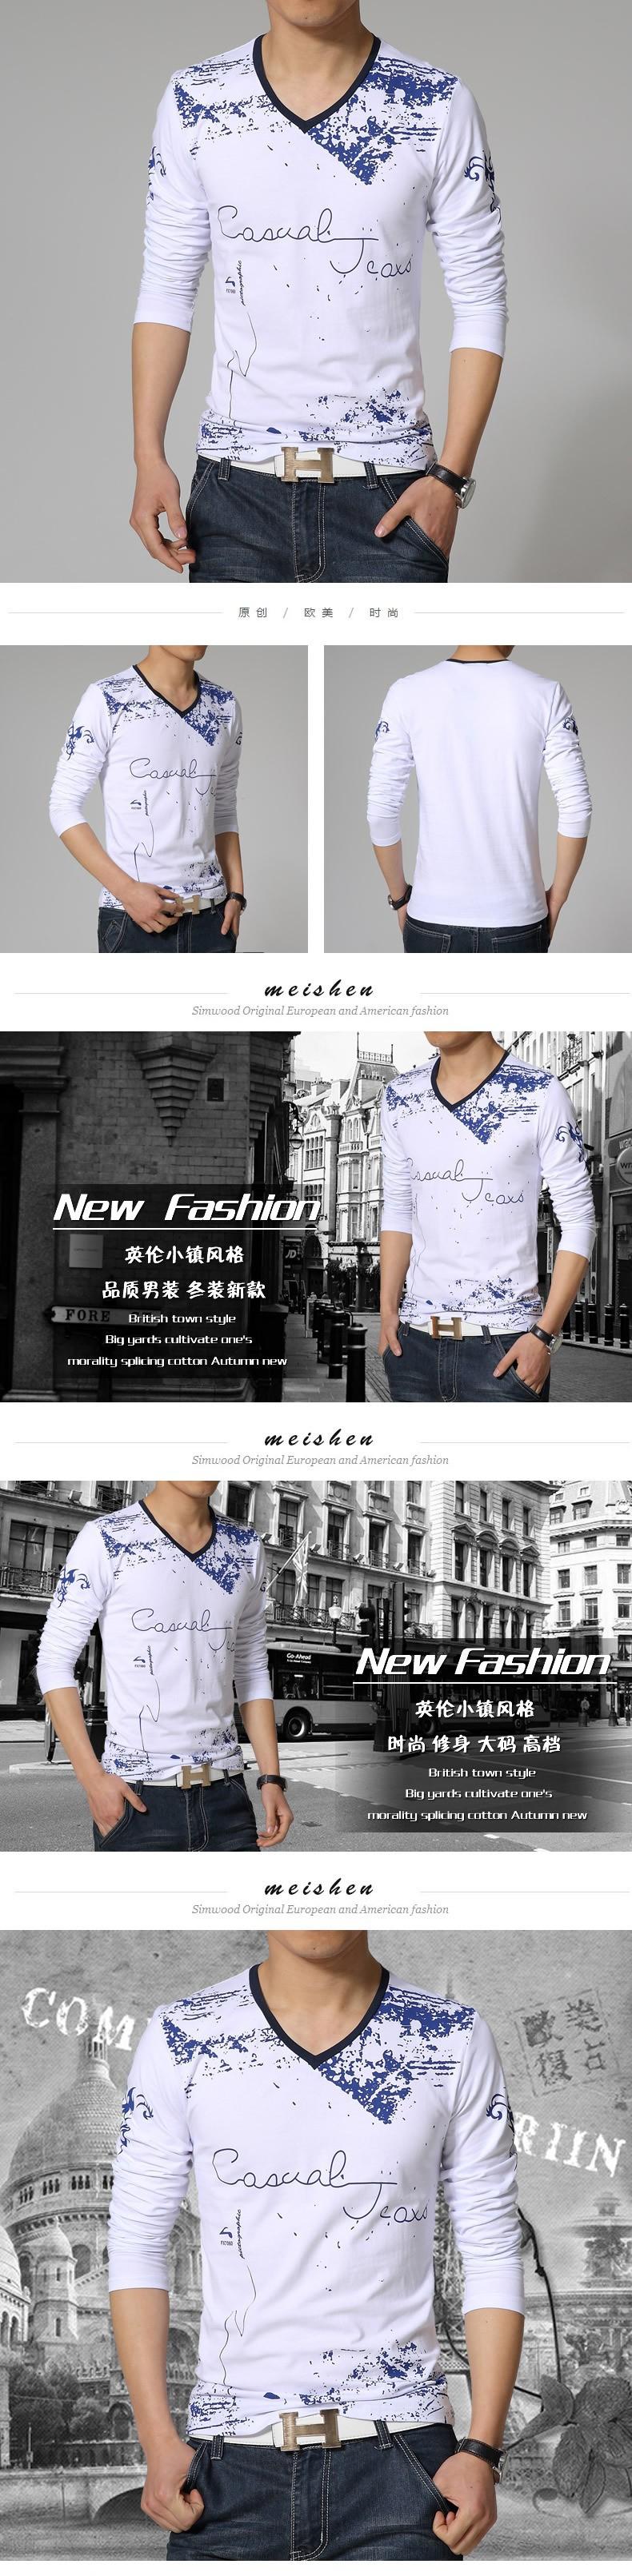 Мужская футболка No brand 2015 v/ml/xl/xxl/xxxl/xxxxl/5xl T212